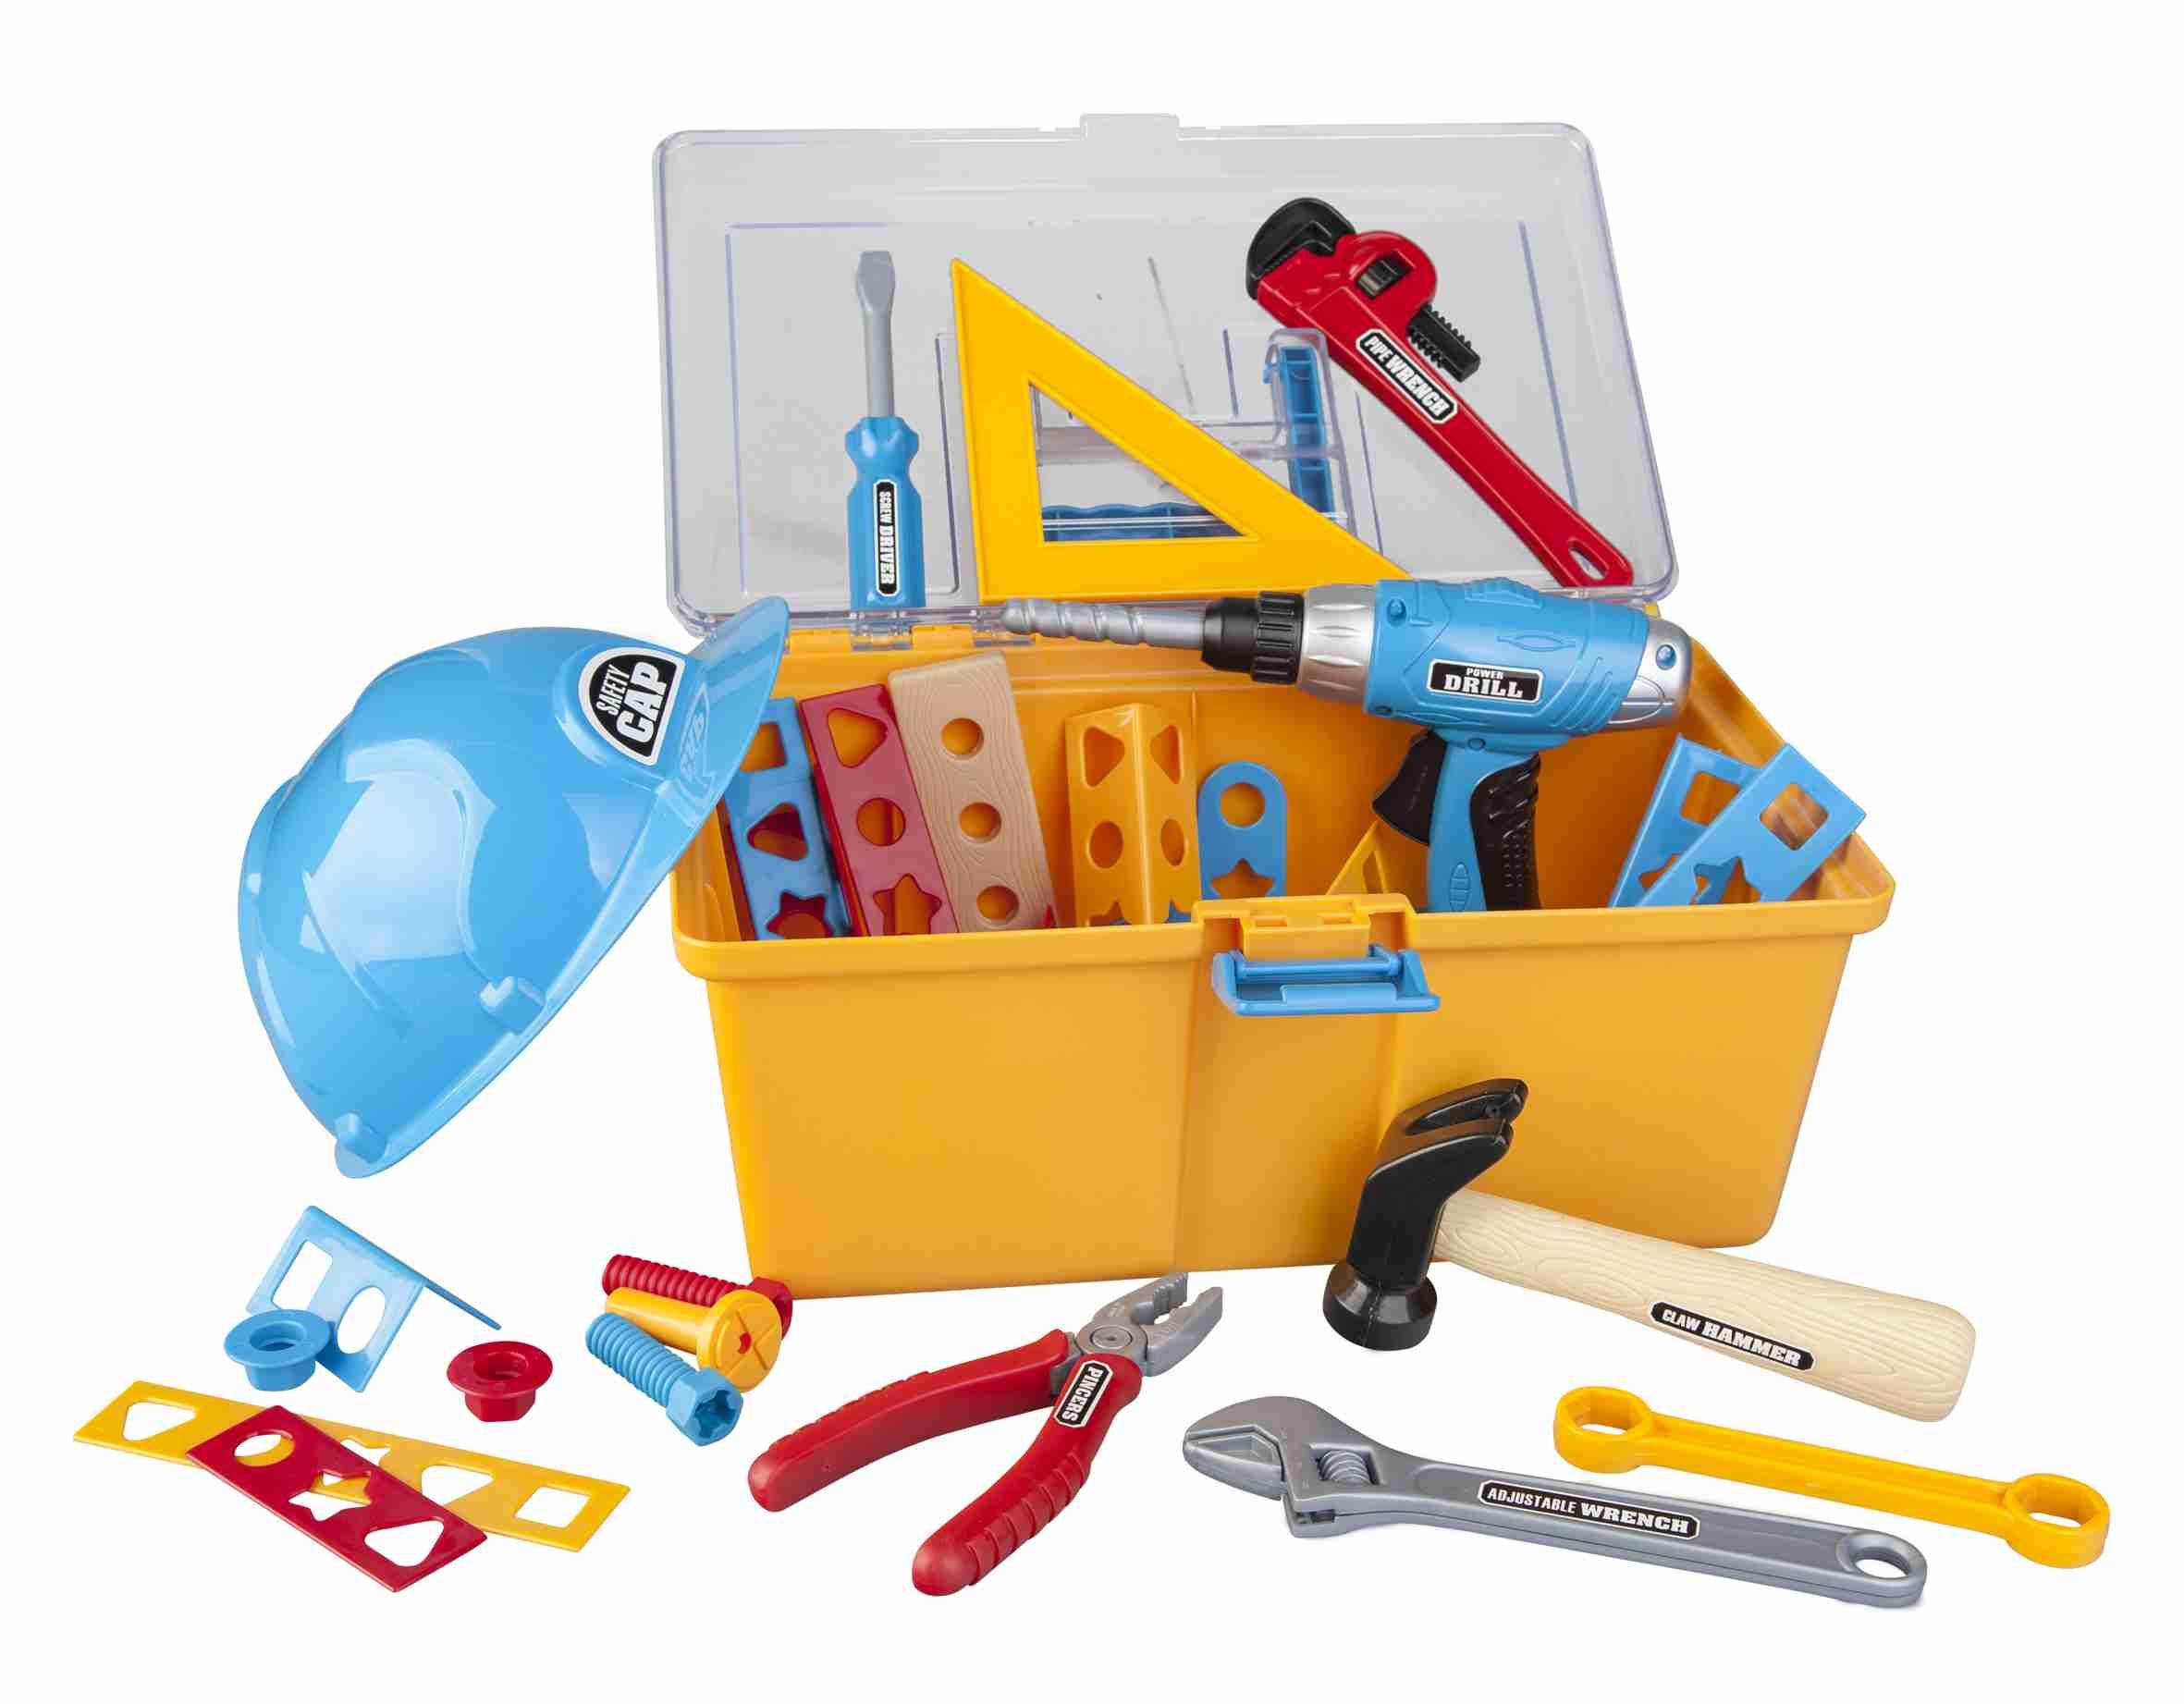 Werkzeugkoffer für Kinder zum phantasievollen Spielen